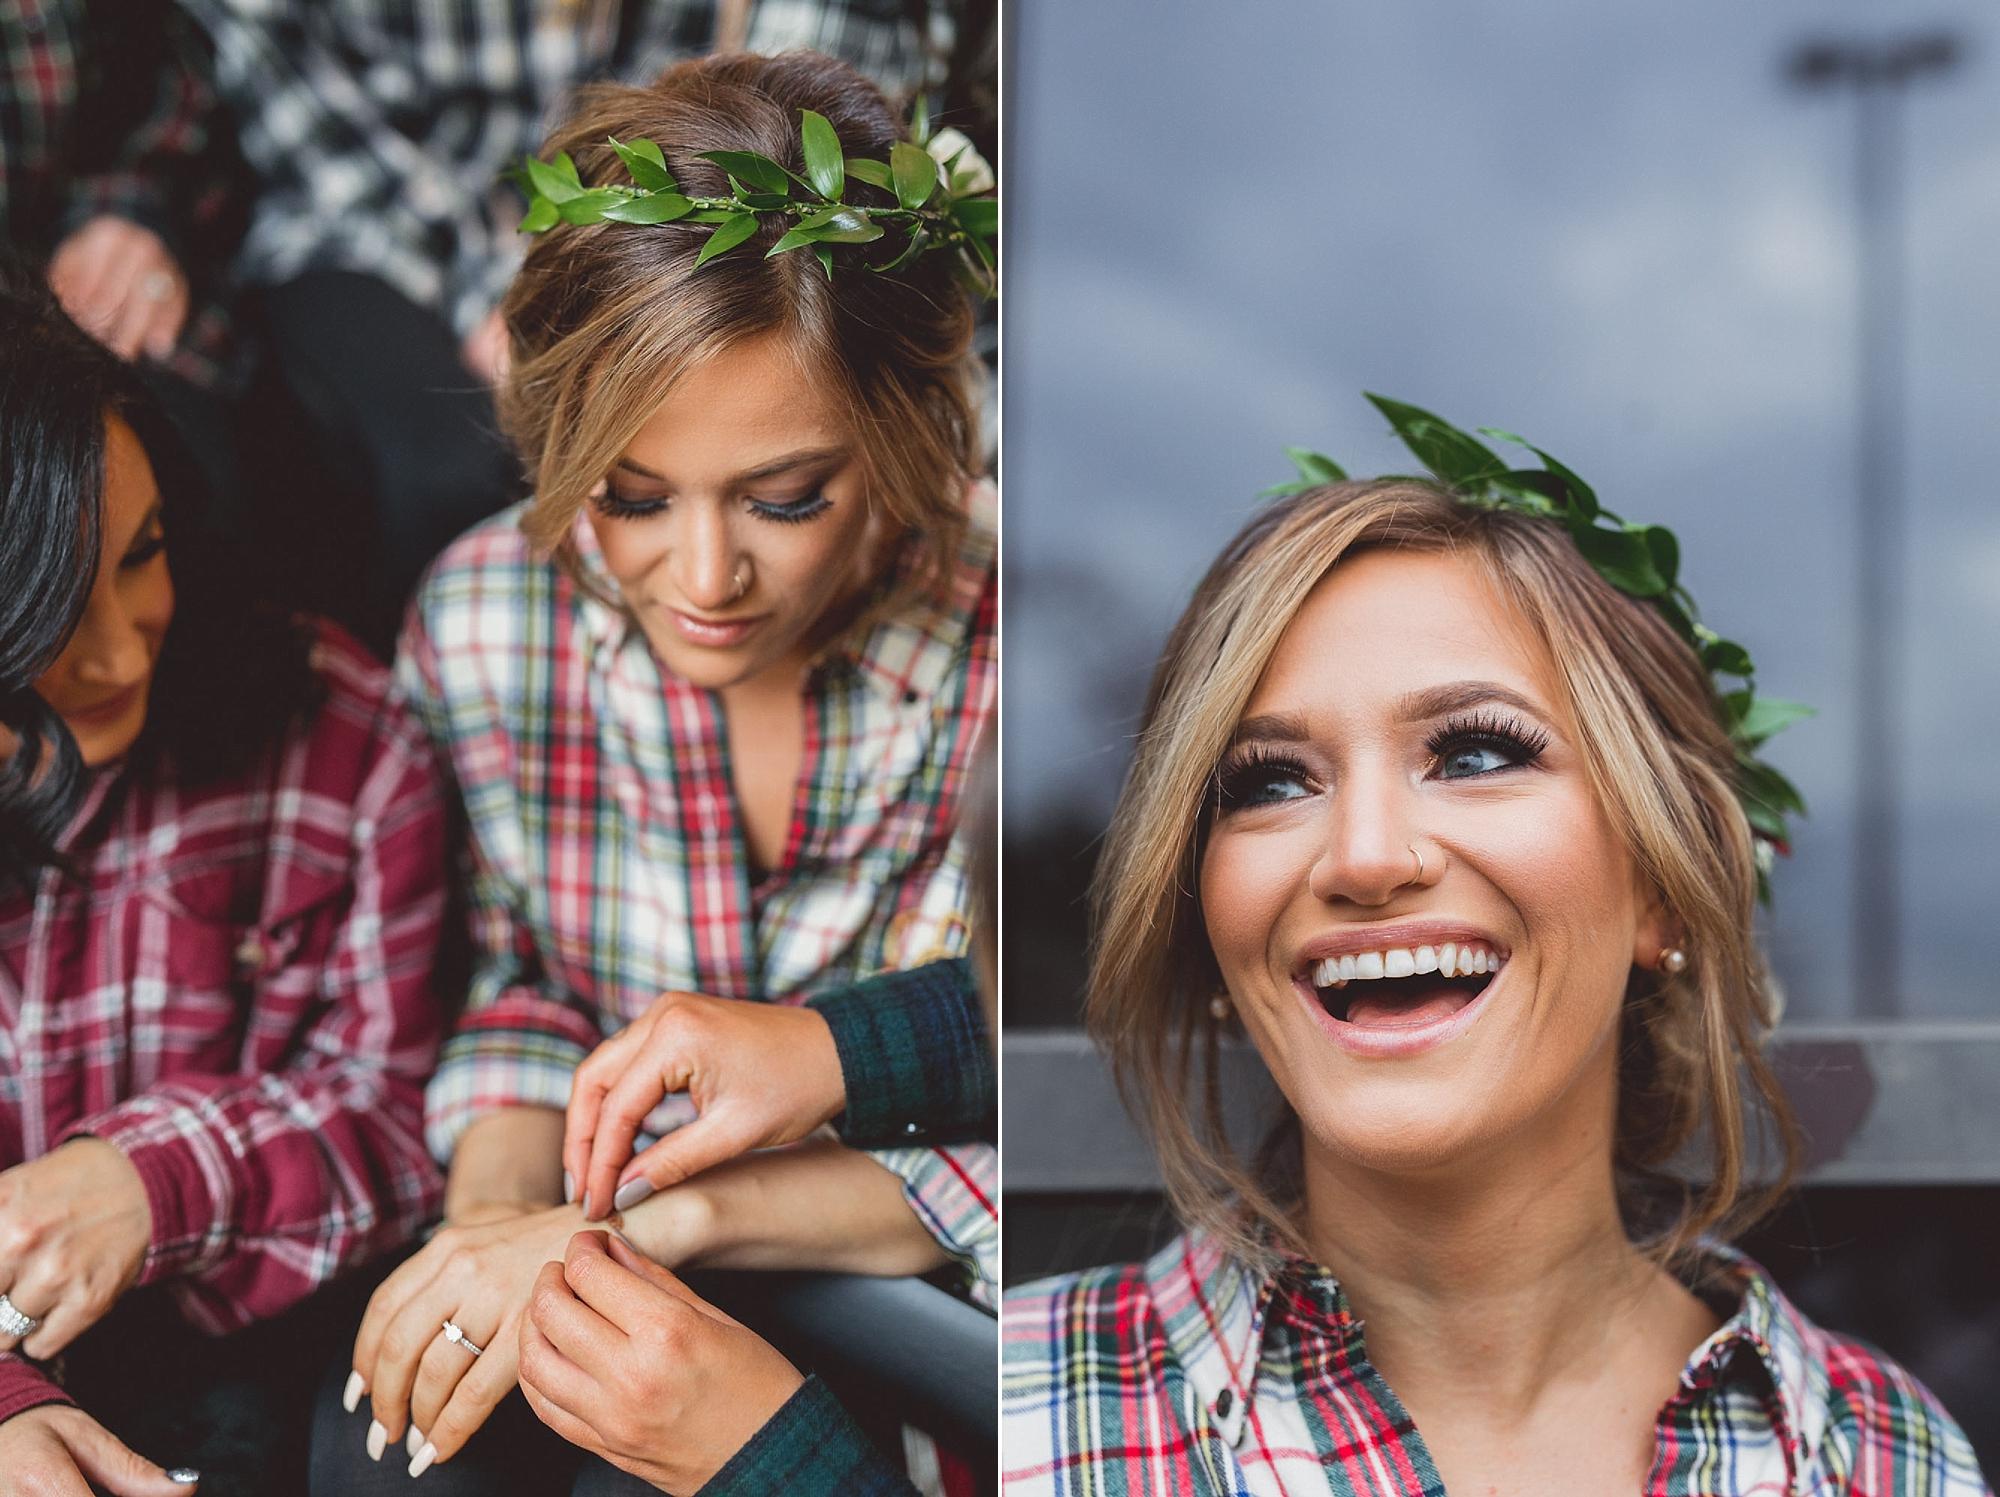 Tweaksbury-country-clup-wedding-20.jpg